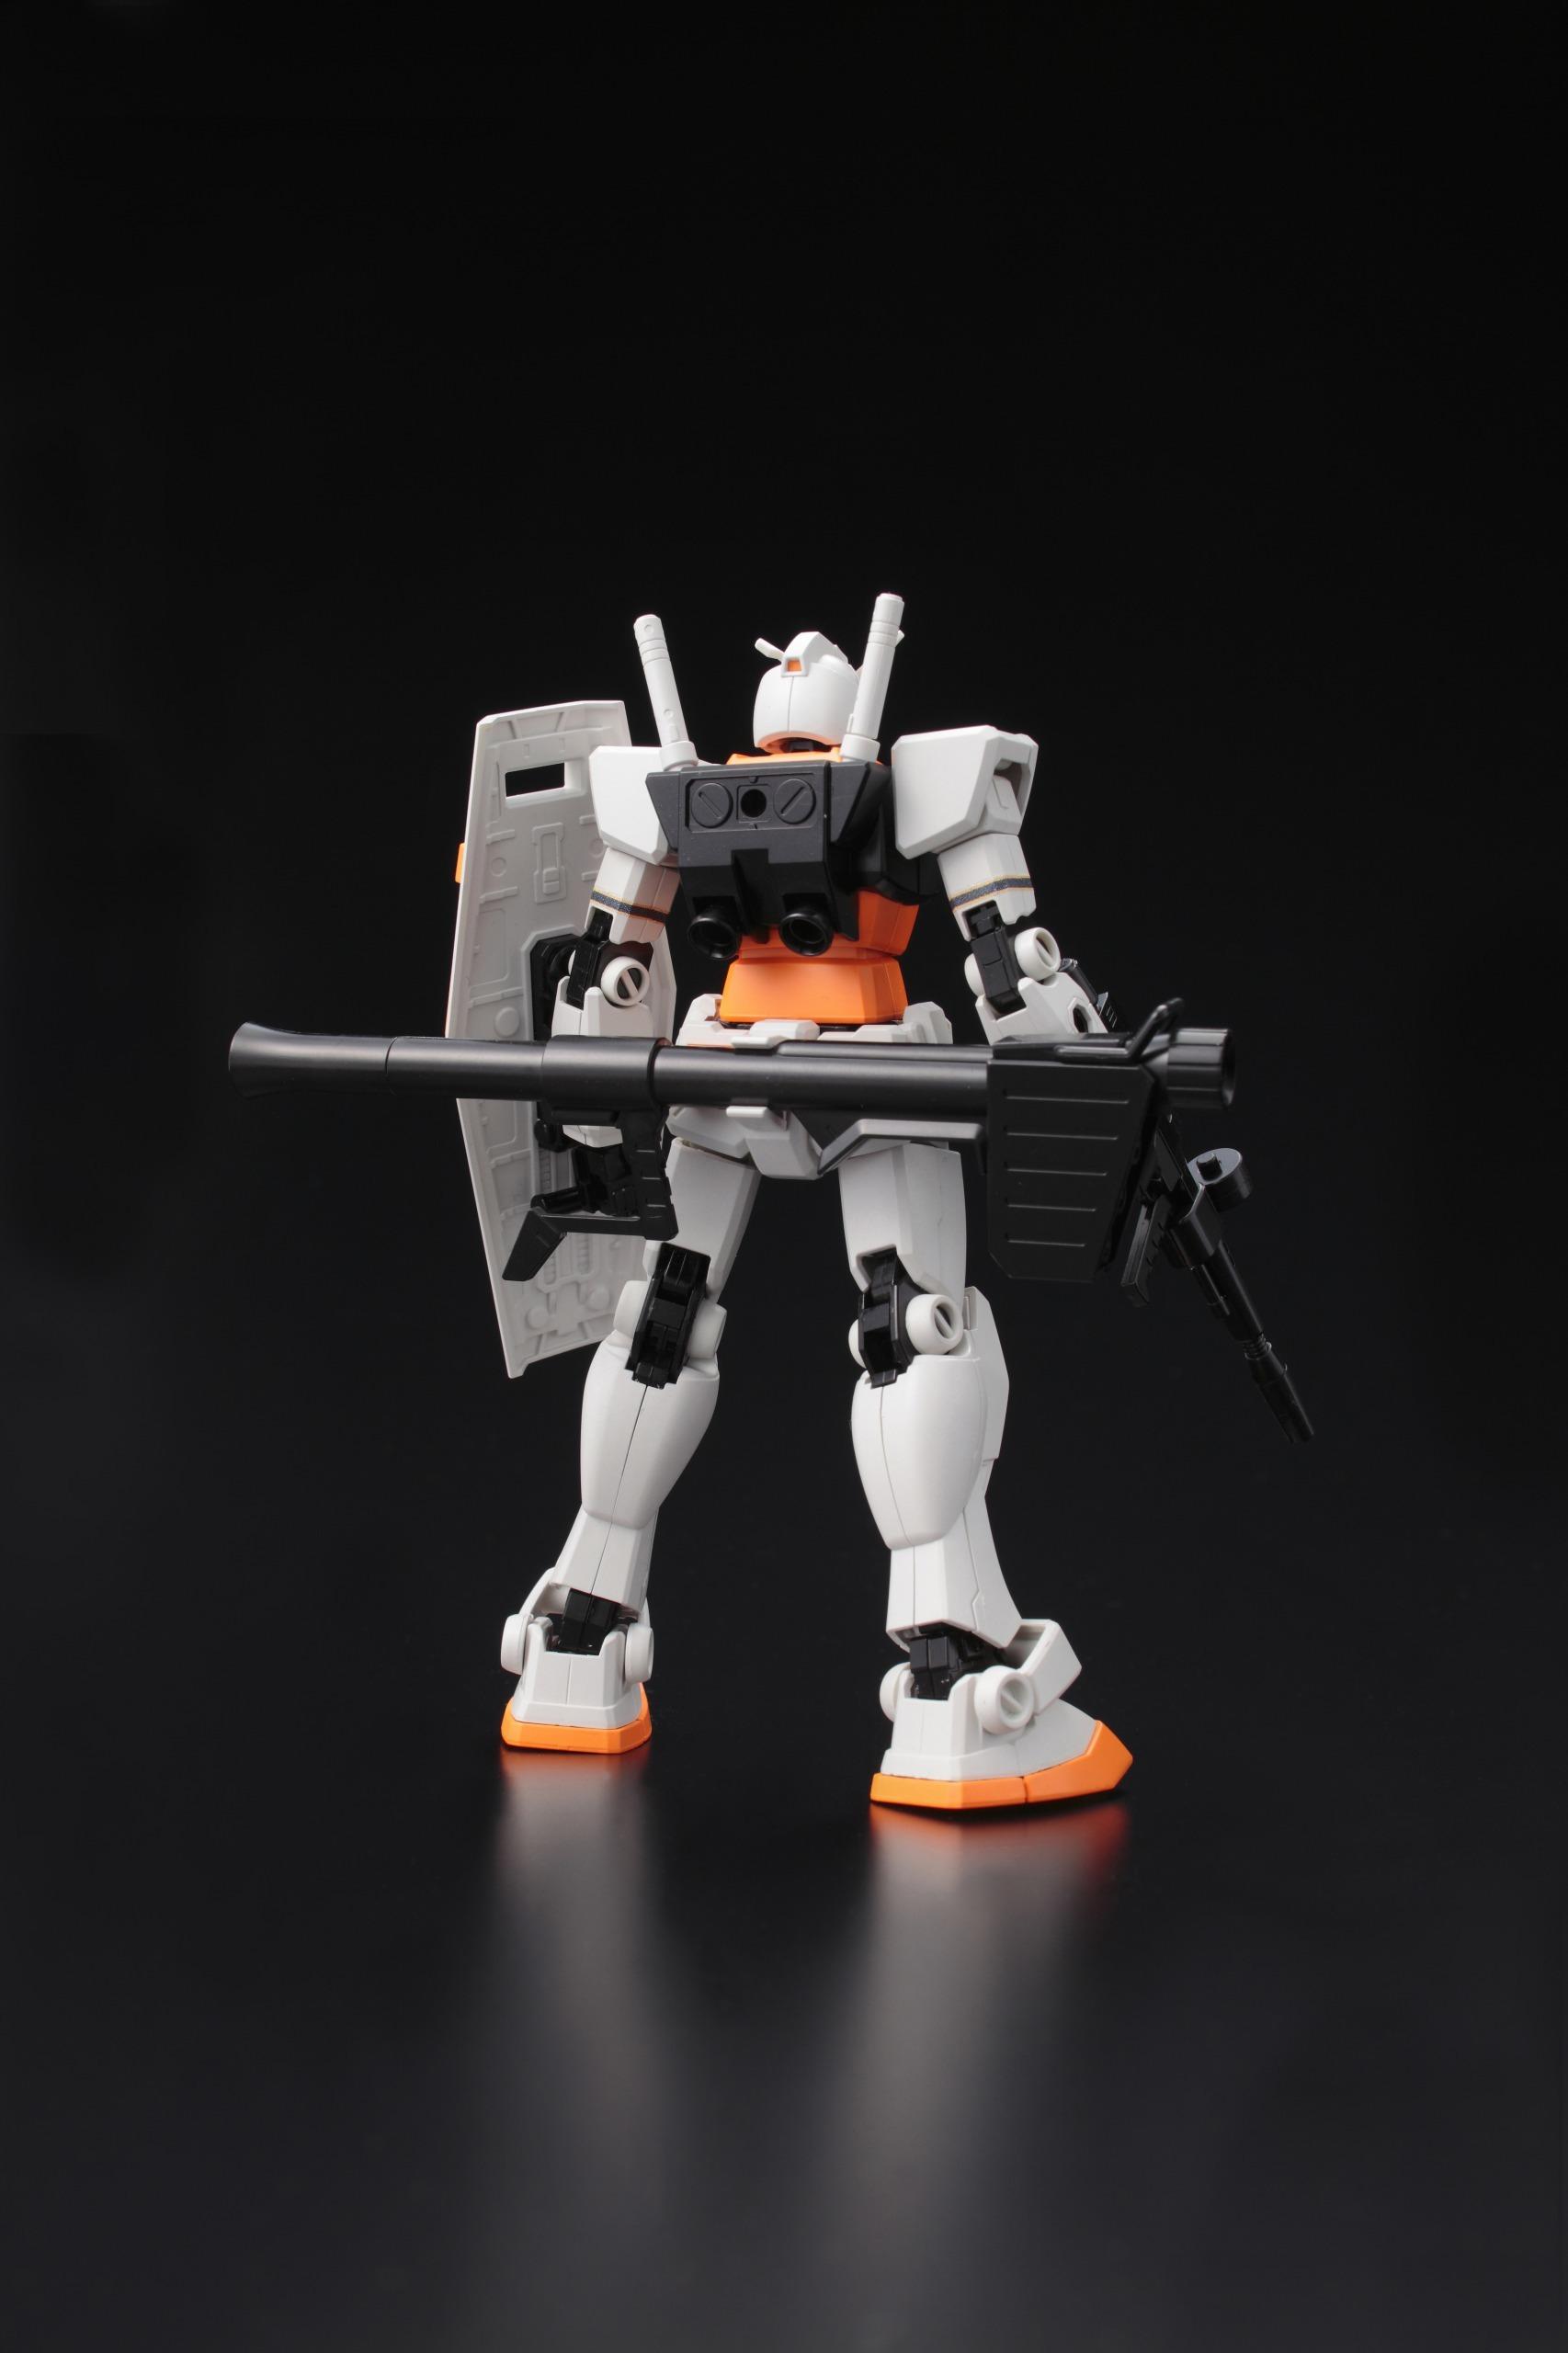 「HG 1/144 ガンダム RX-78-2 ジャイアンツバージョン」の背面(※写真は試作品のため実際の商品と一部異なる場合がございます。※写真は塗装しております。) ©創通・サンライズ